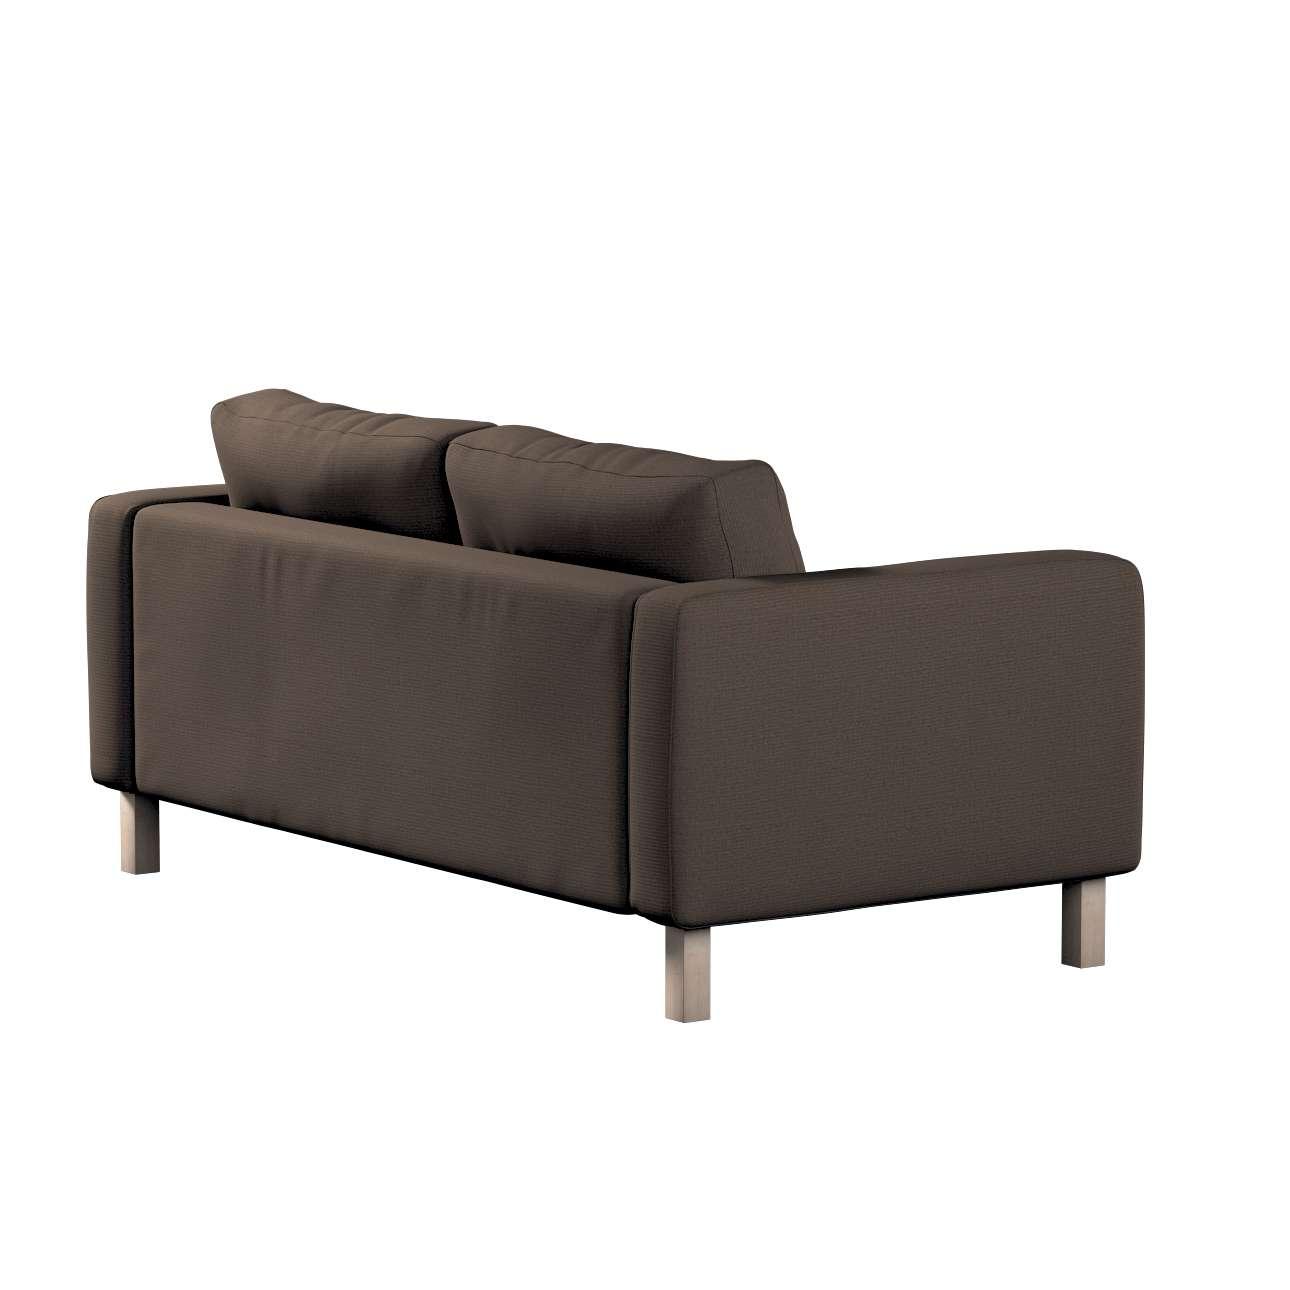 Karlstad klädsel 2-sits soffa - kort i kollektionen Etna, Tyg: 705-08